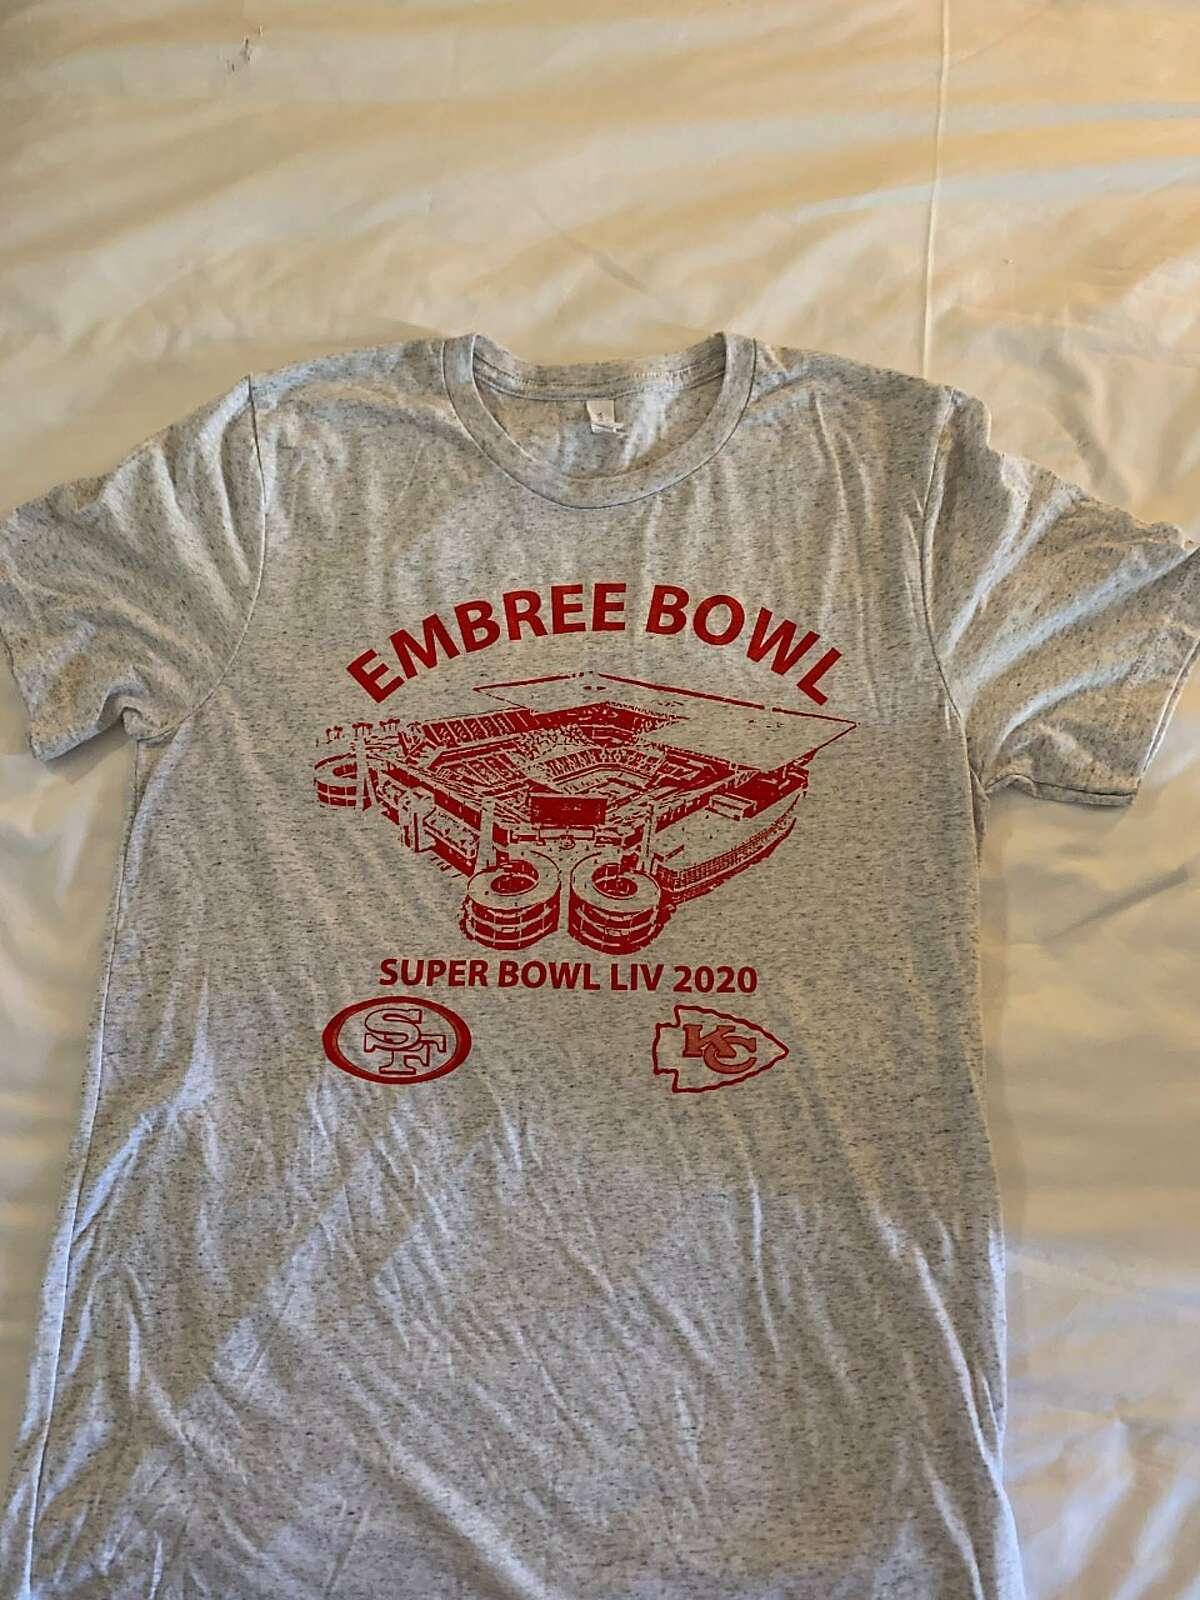 The T-shirt made for Super Bowl LIV.